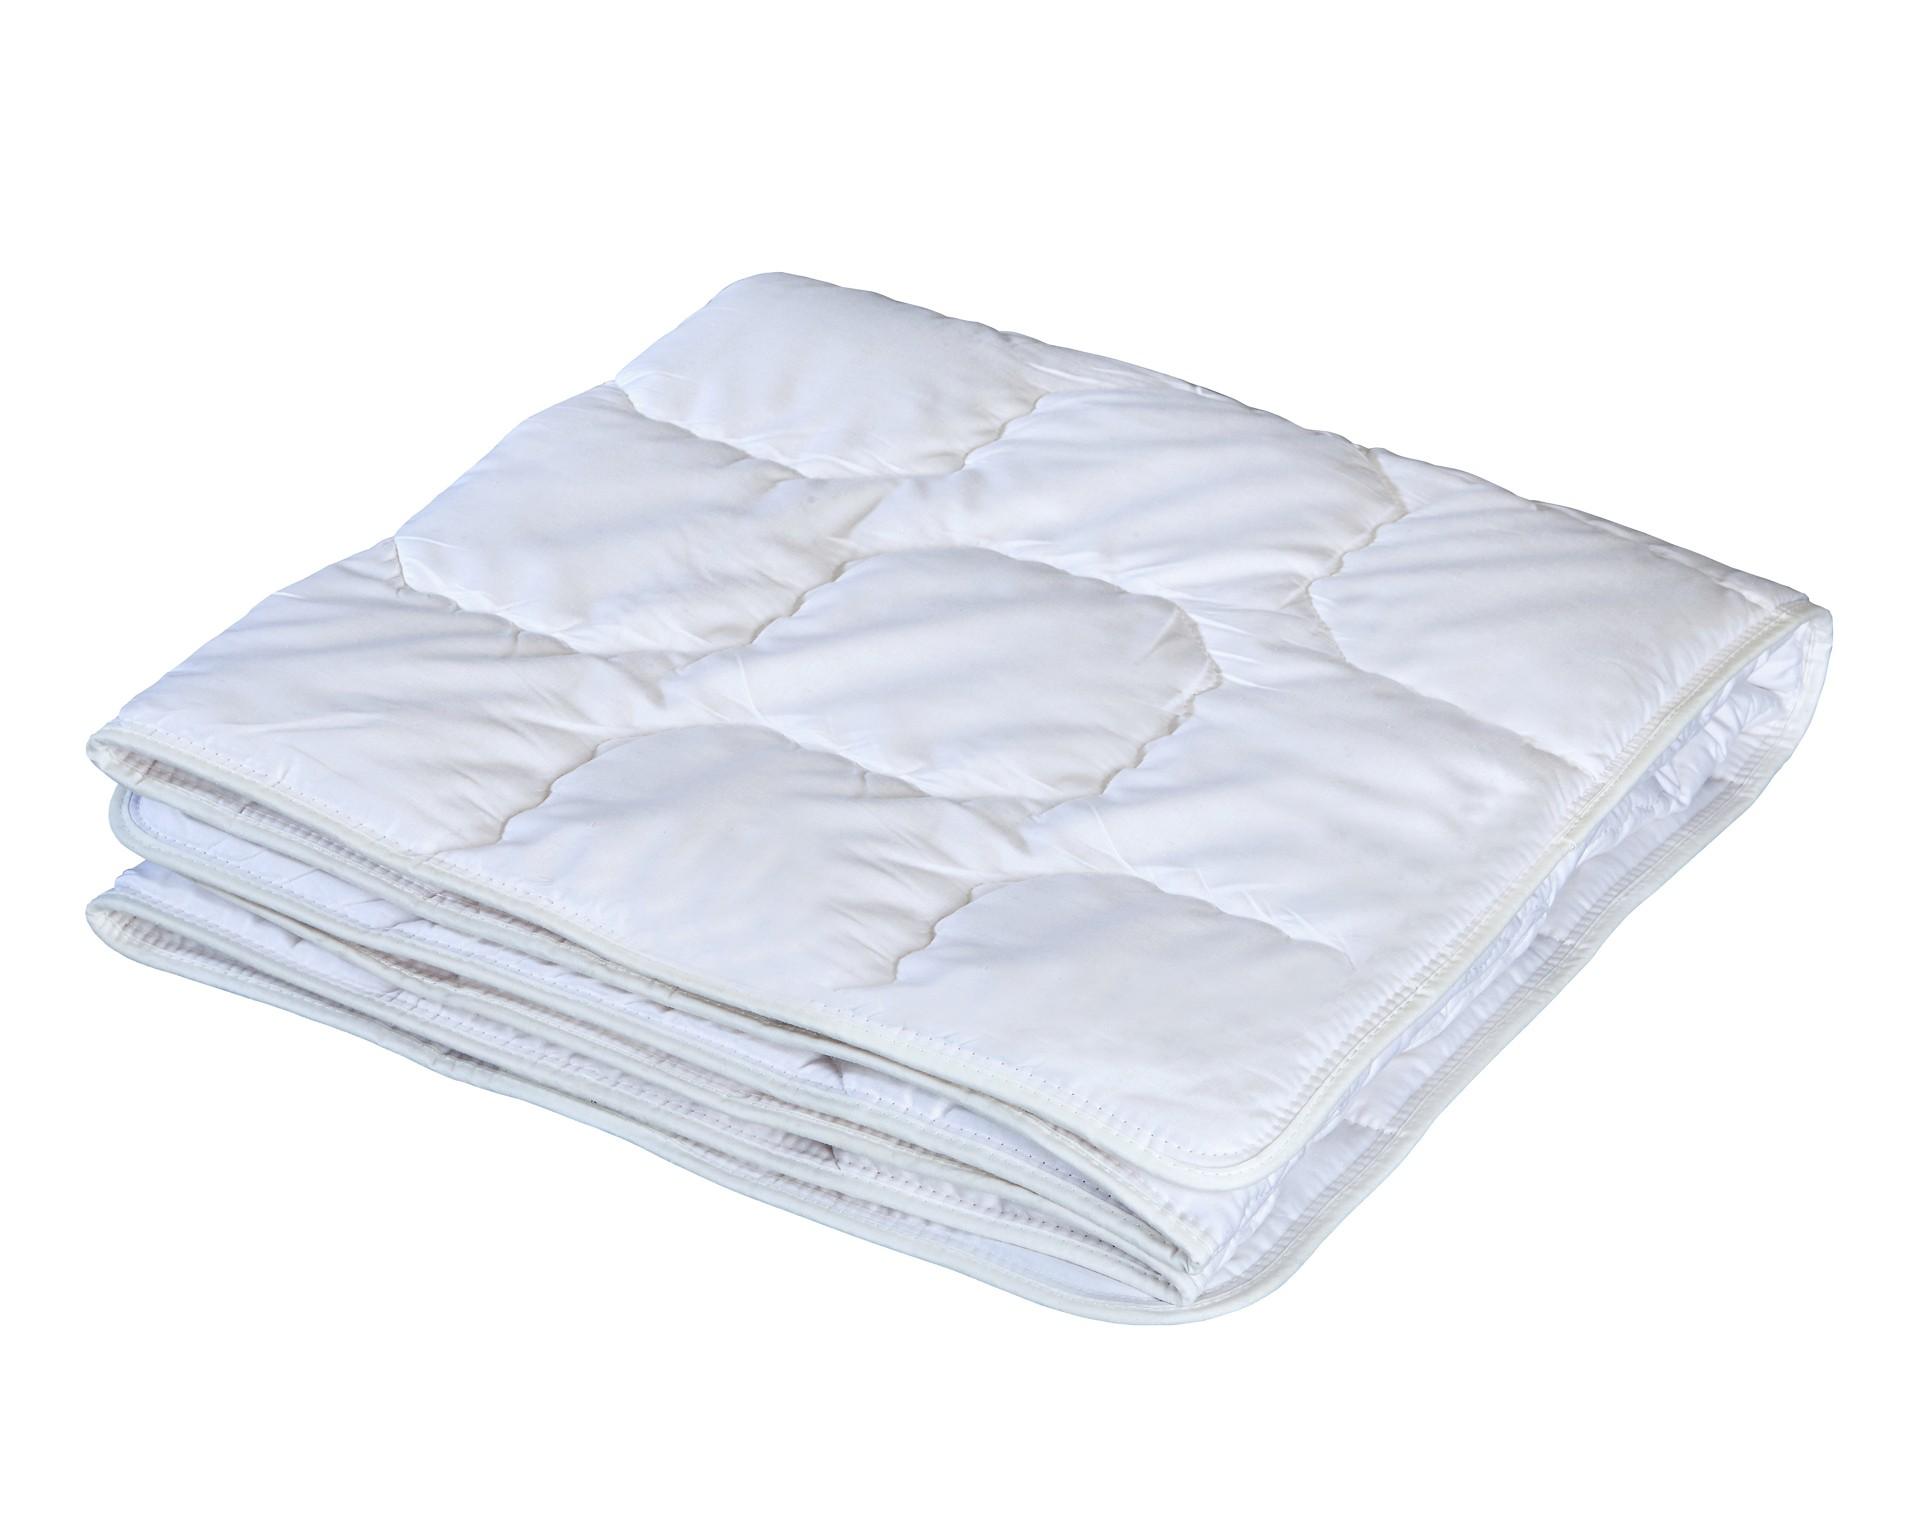 SANNWALD Wash Cotton Kinder-Steppbett (100x135)